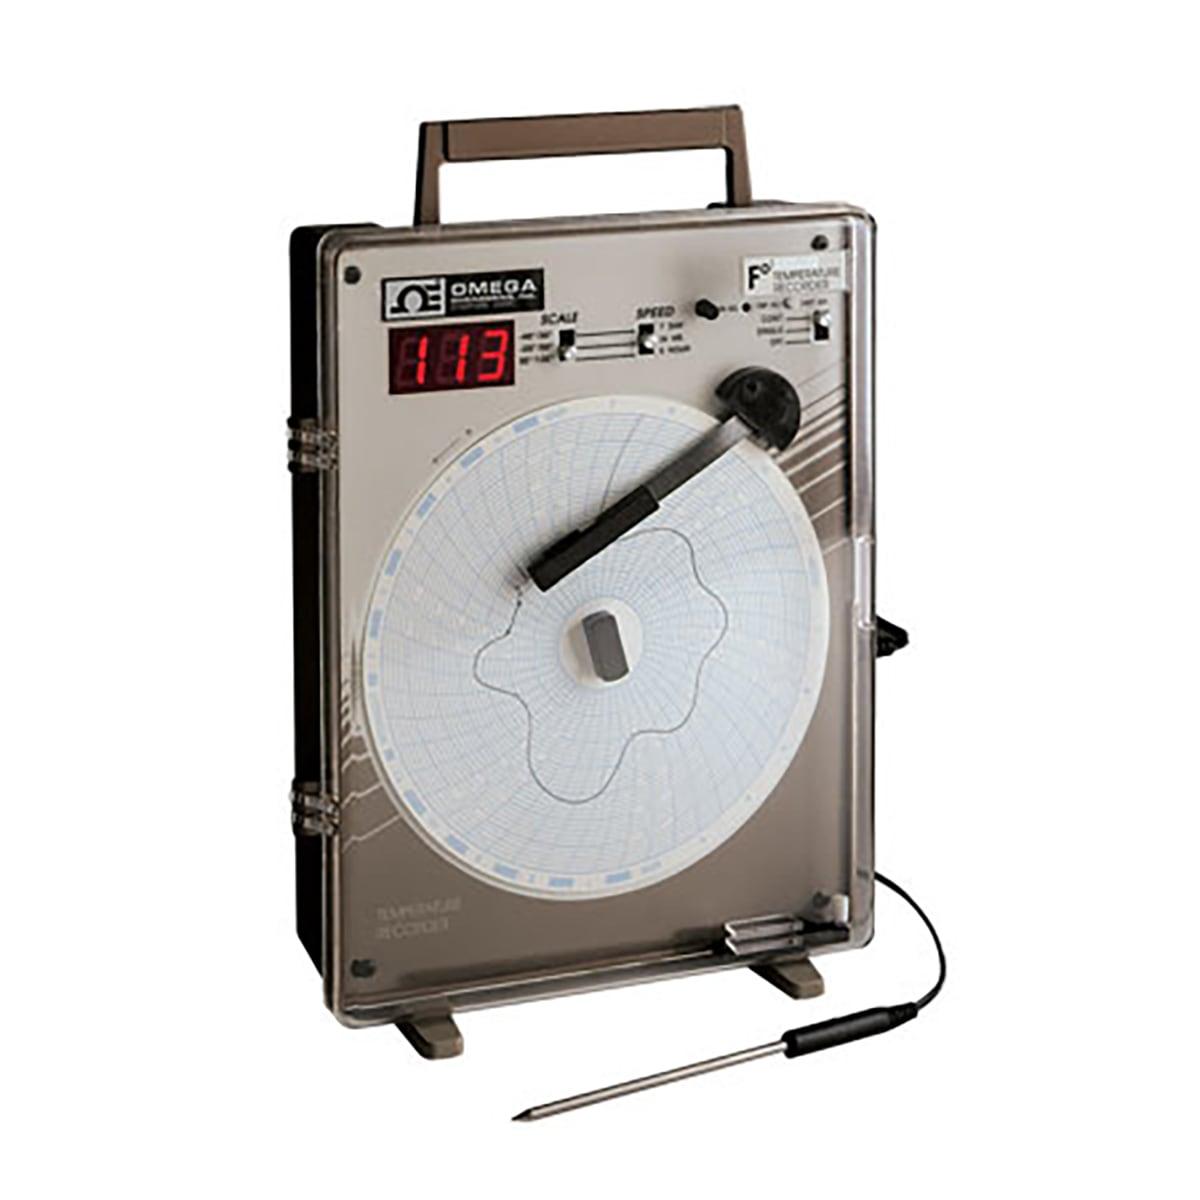 Enregistreurs graphiques circulaires, diagramme Ø 150mm<br> de température, de pression, de tension/courant ou d'événements